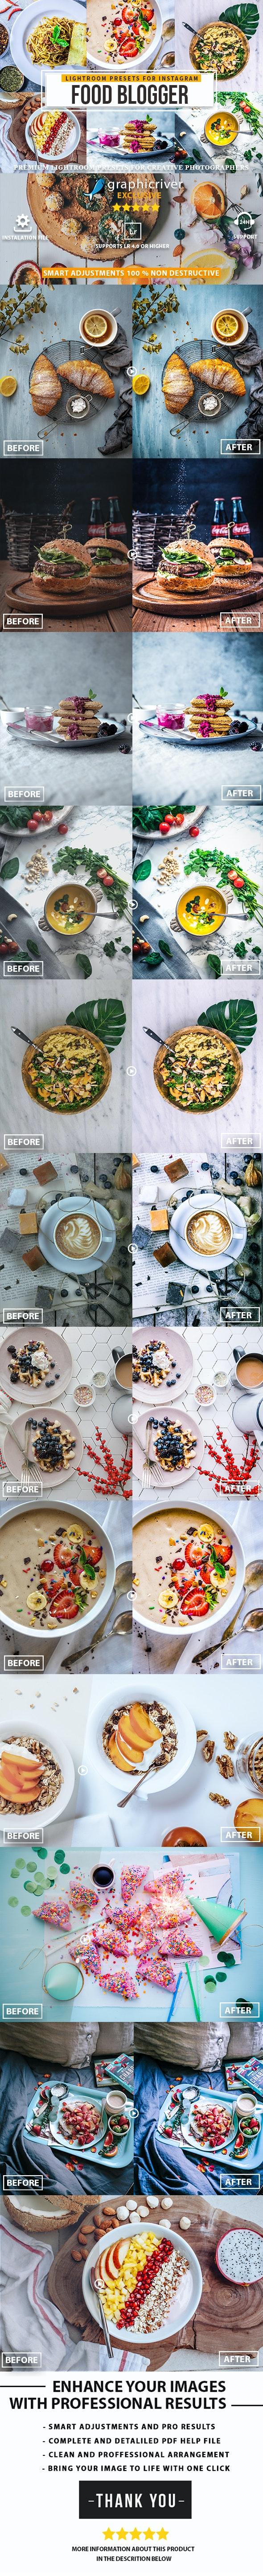 Food Blogger Lightroom Presets - Lightroom Presets Add-ons